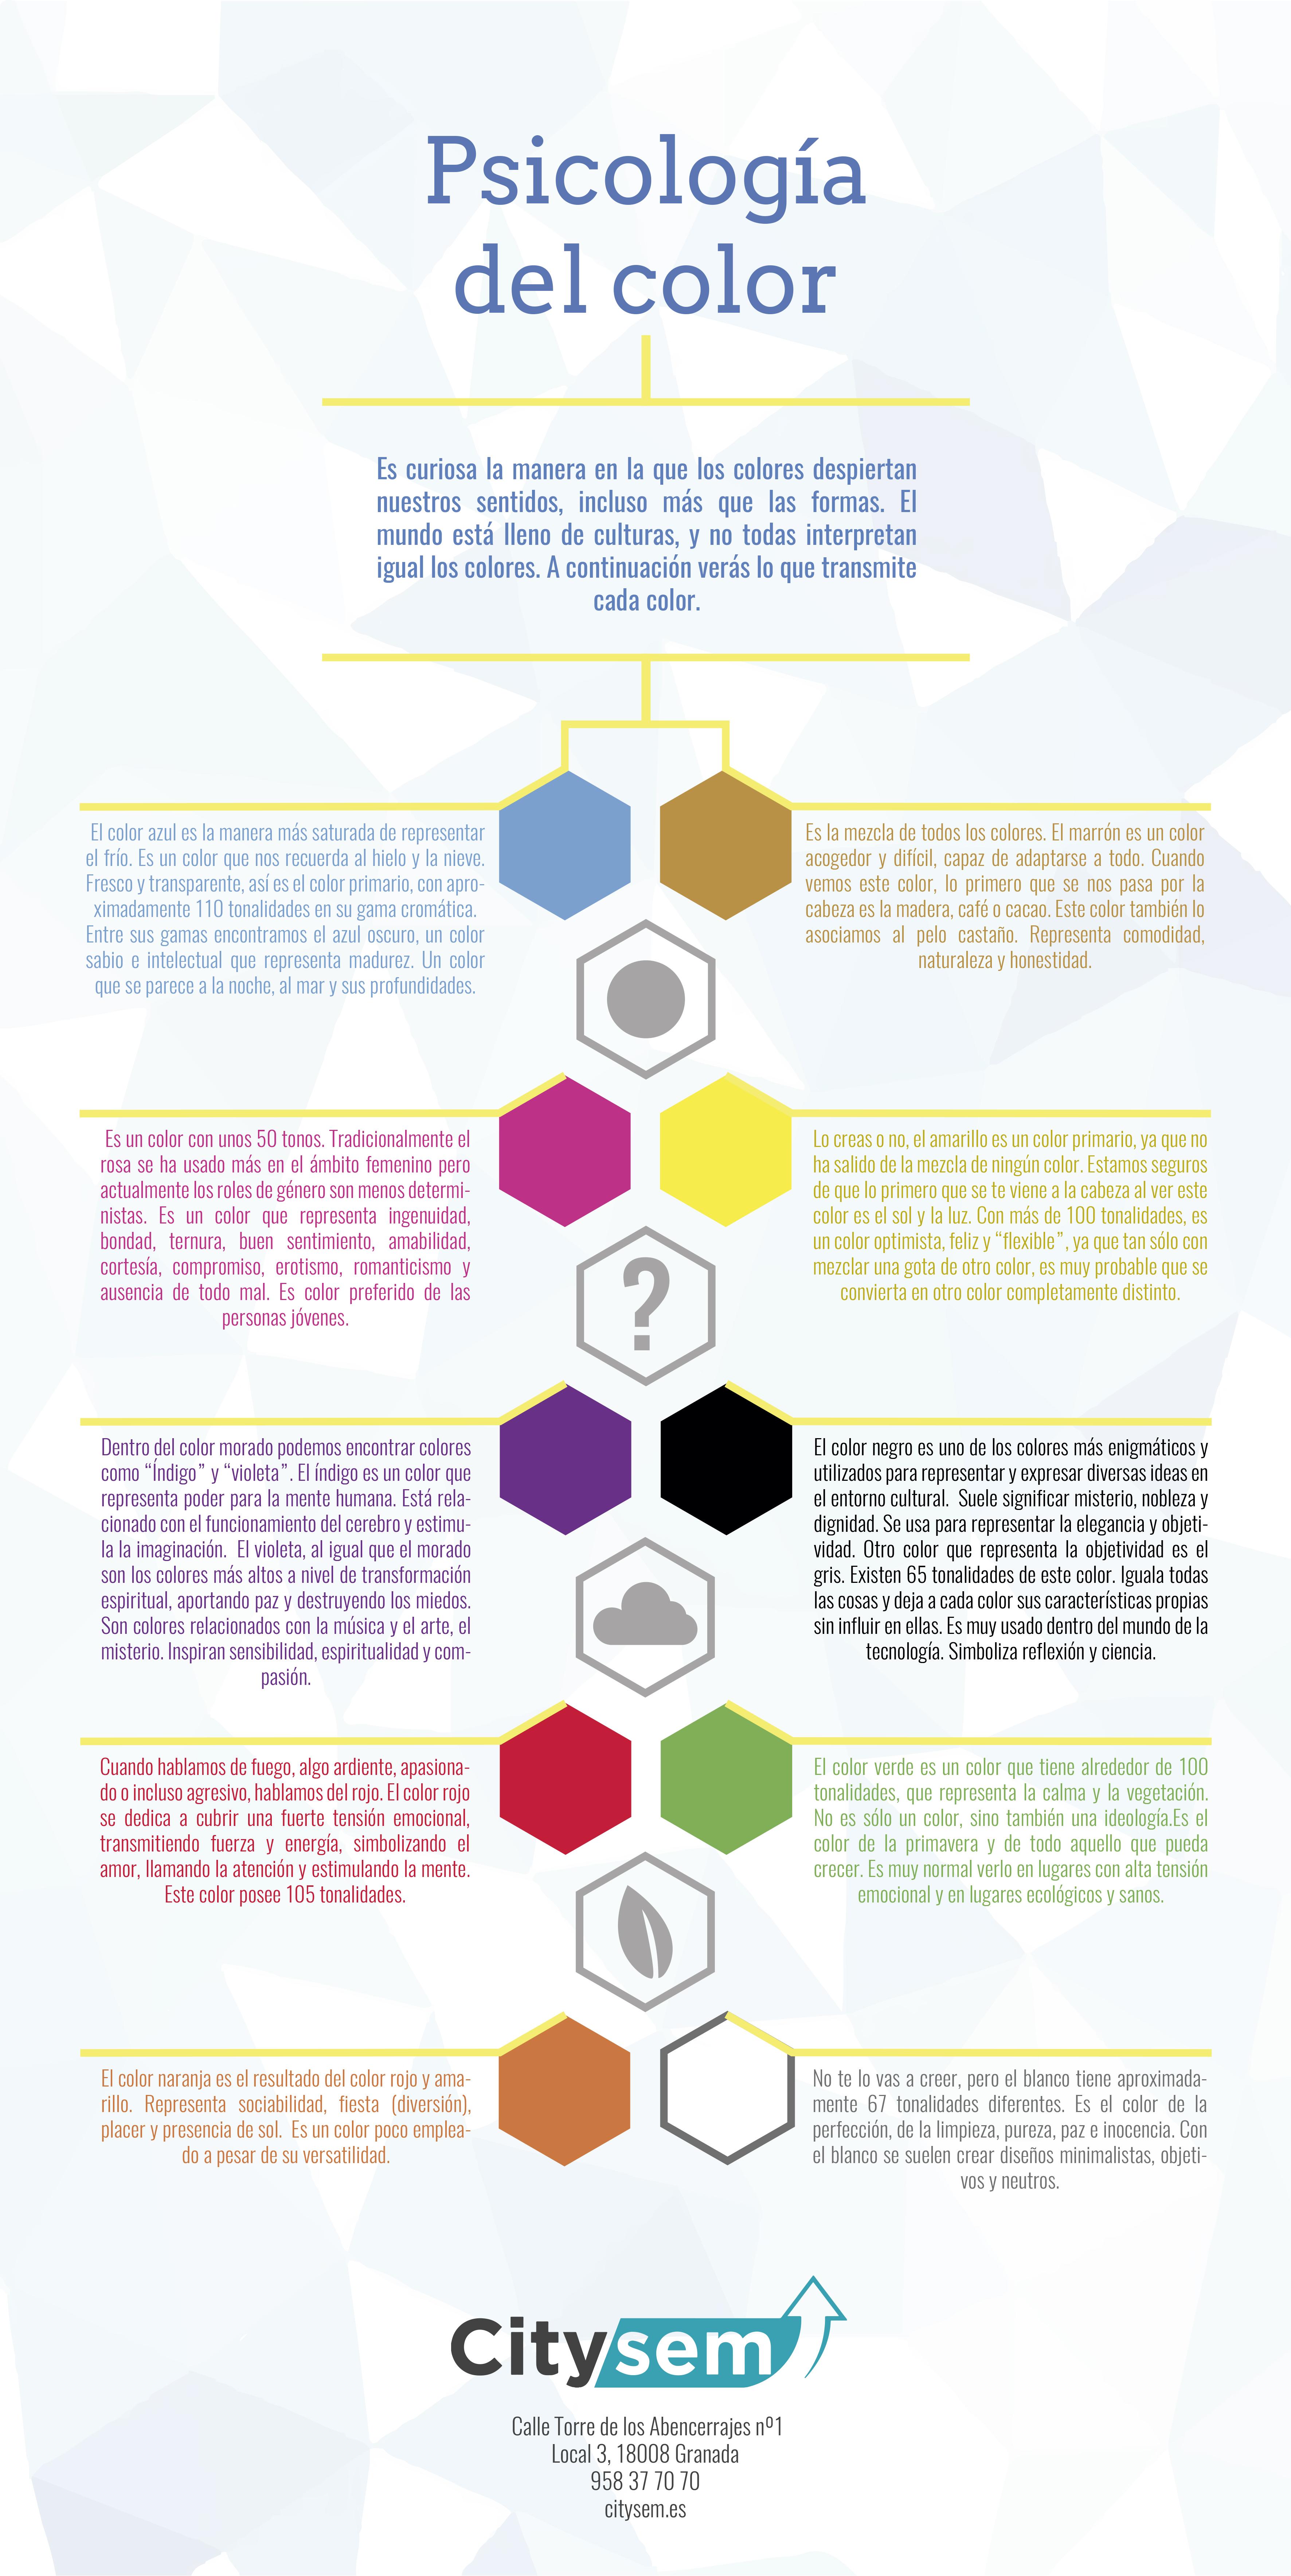 Infografía sobre psicología del color